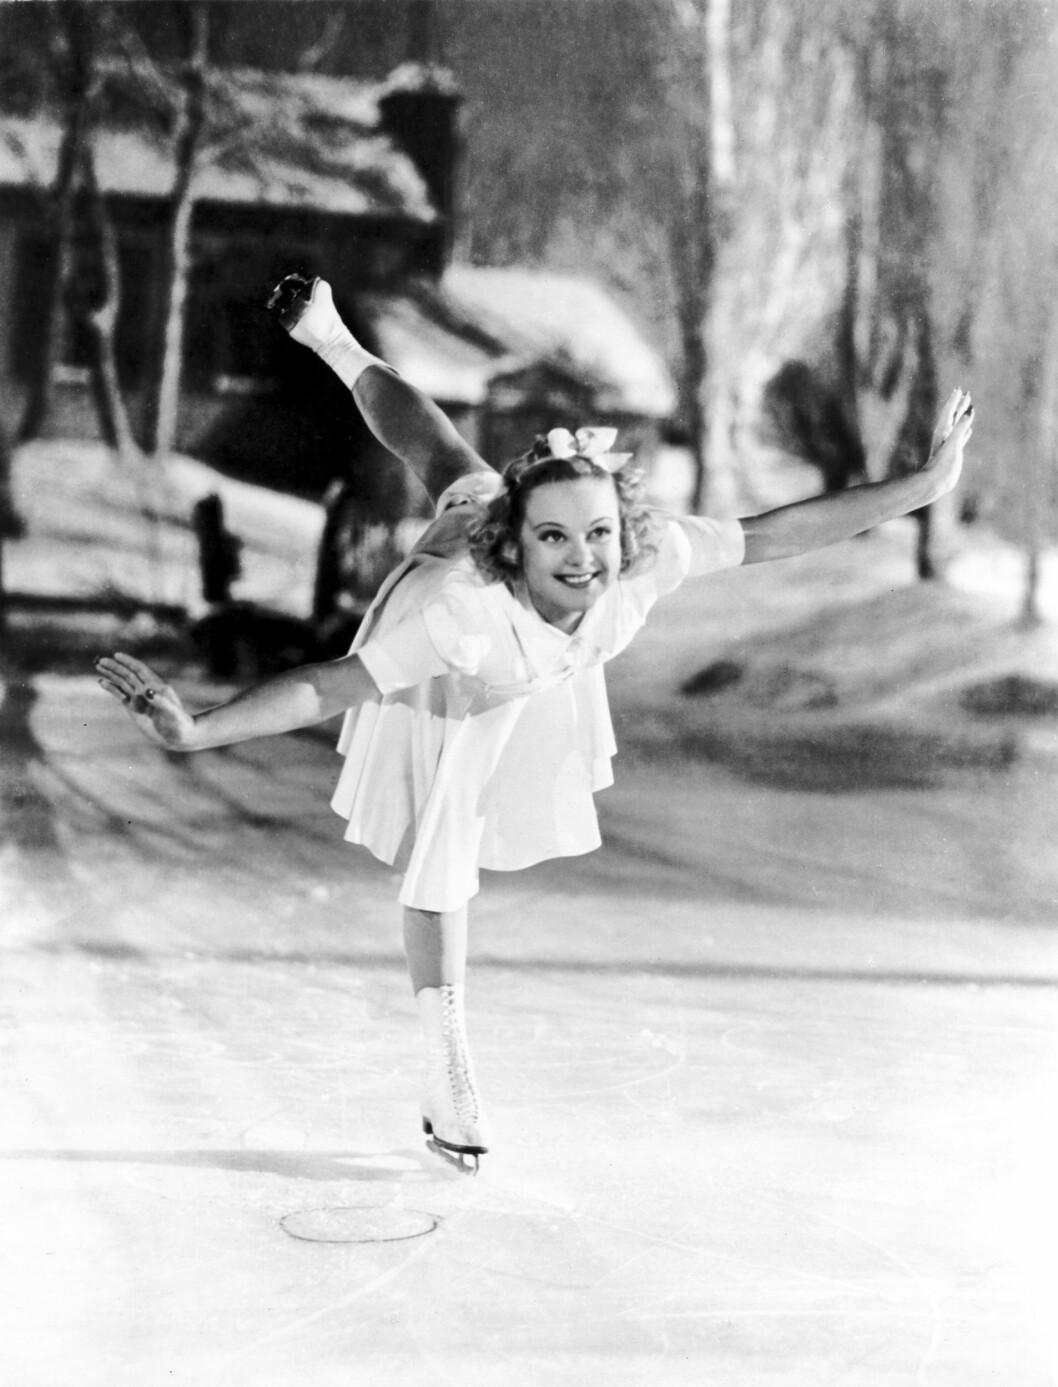 <strong>LETTBEINT:</strong> «Striper'n», der hun gled baklengs i en evighet med det ene beinet strukket opp bak, var Sonjas glansnummer, etterfulgt av utallige piruetter. Alle filmene hennes var sentrert rundt skøyteferdighetene hennes, som den romantiske komedien «Second Fiddle» (1939, bildet). Foto: NTB scanpix